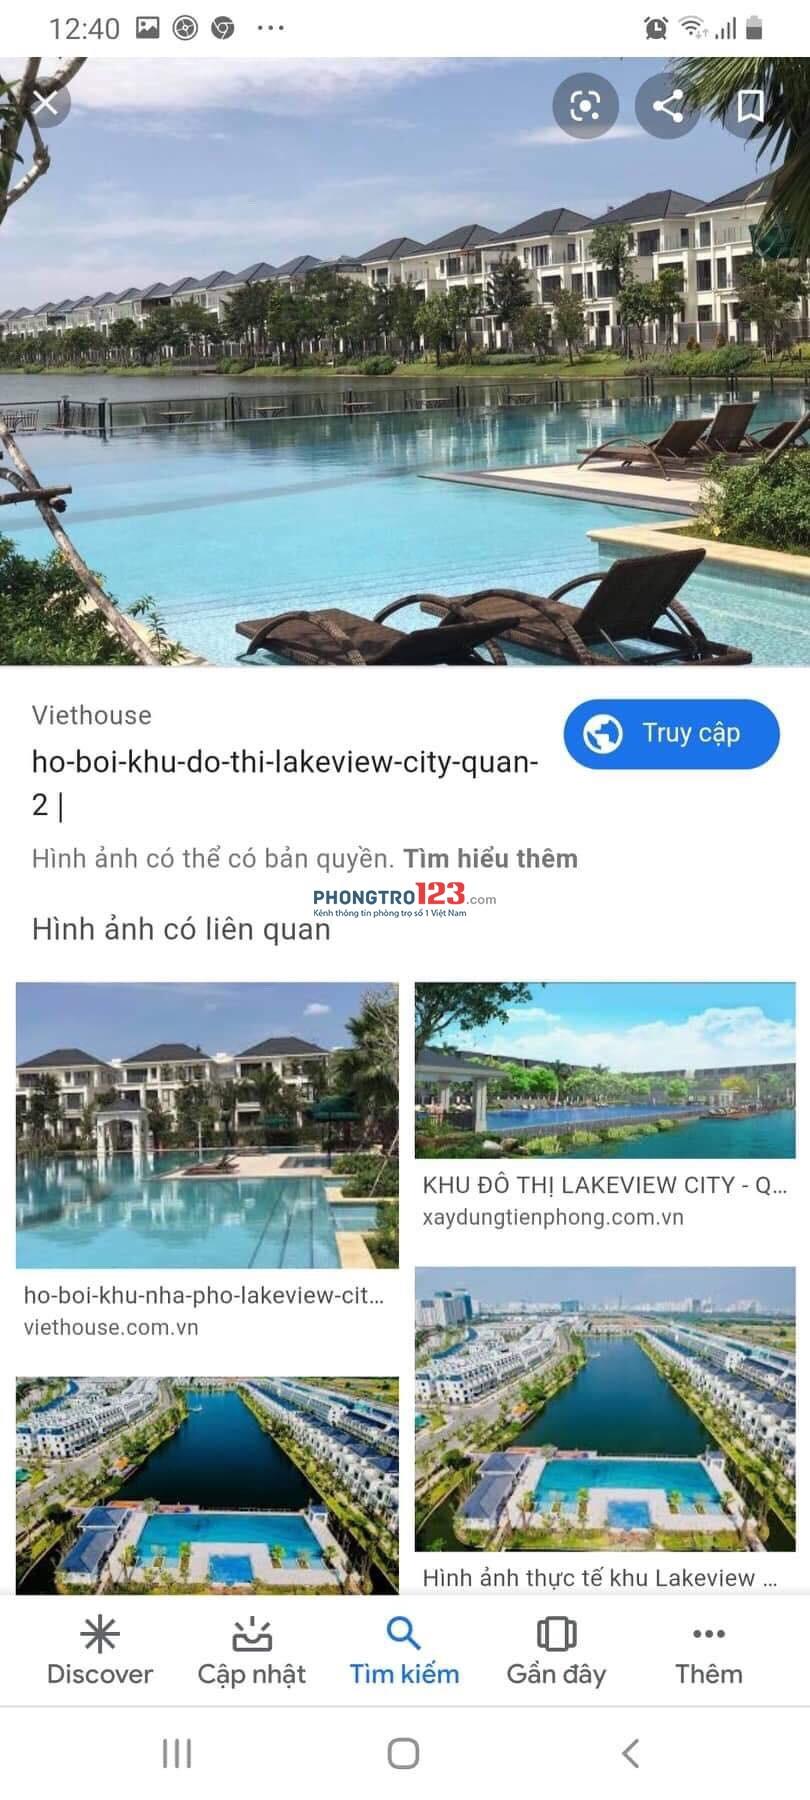 KTX nhà chung Lake View city - 2.2 triệu/giường